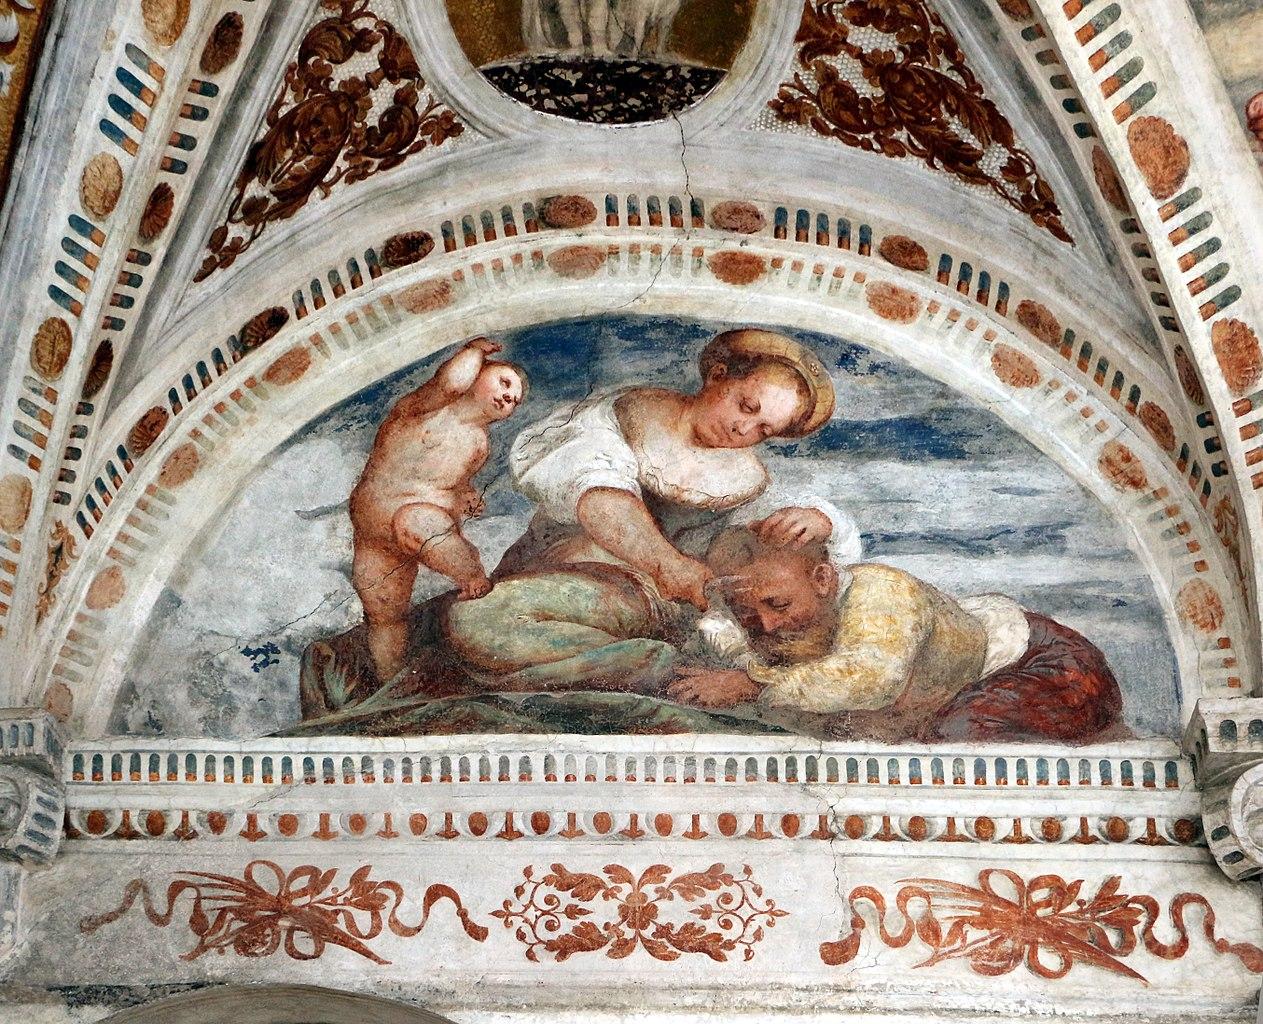 Loggia del Romanino, dettaglio: Sansone e Dalila. Ph. Credit Francesco Bini